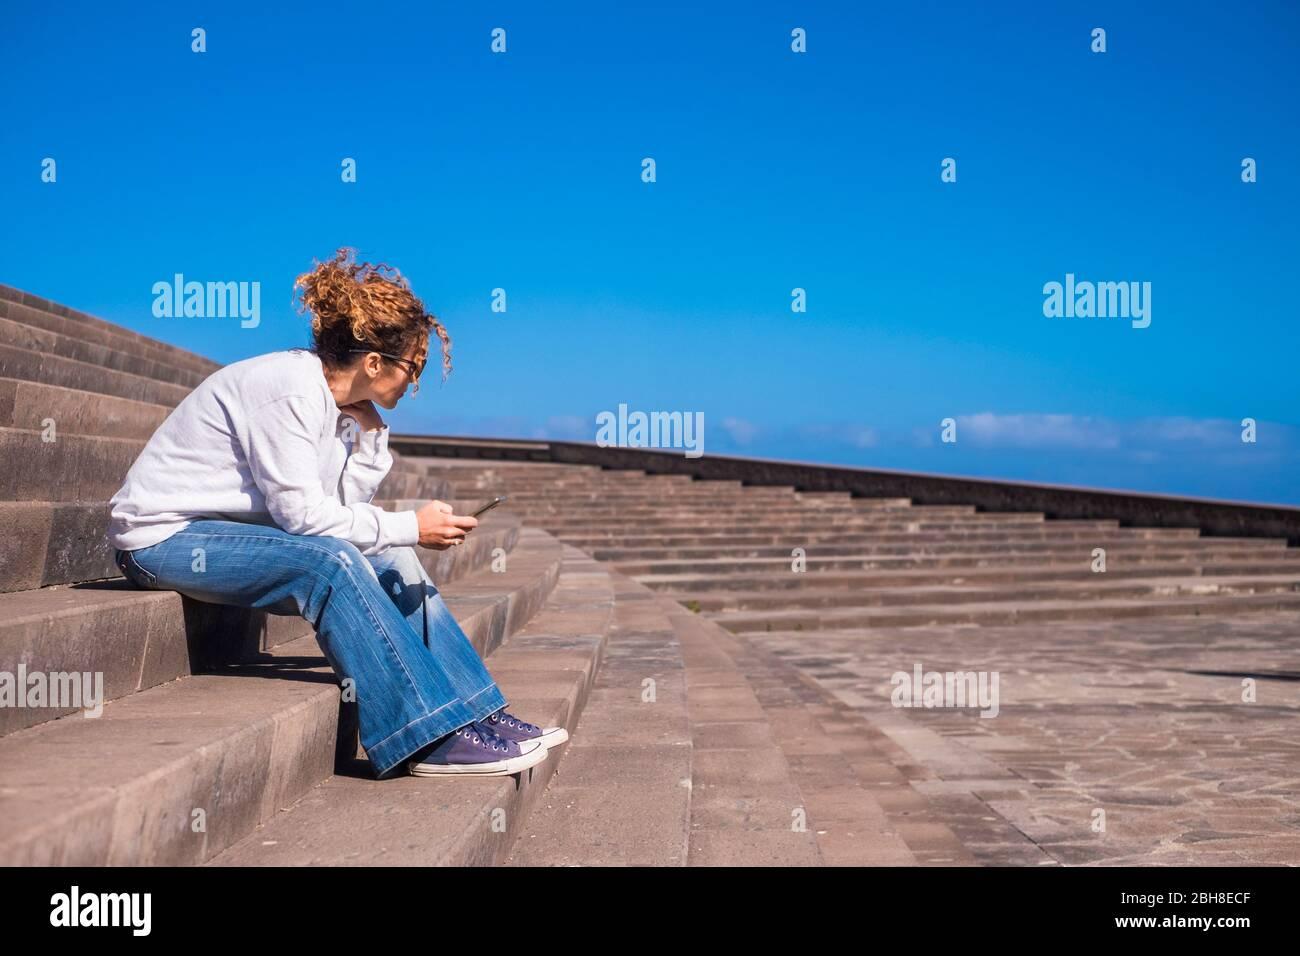 bonita chica swirl cabello marrón sentarse en un hermoso lugar urbano con el cielo panorama utilizando la tecnología móvil para mantenerse conectado con amigos y personas por todas partes. moderno no solo concepto Foto de stock